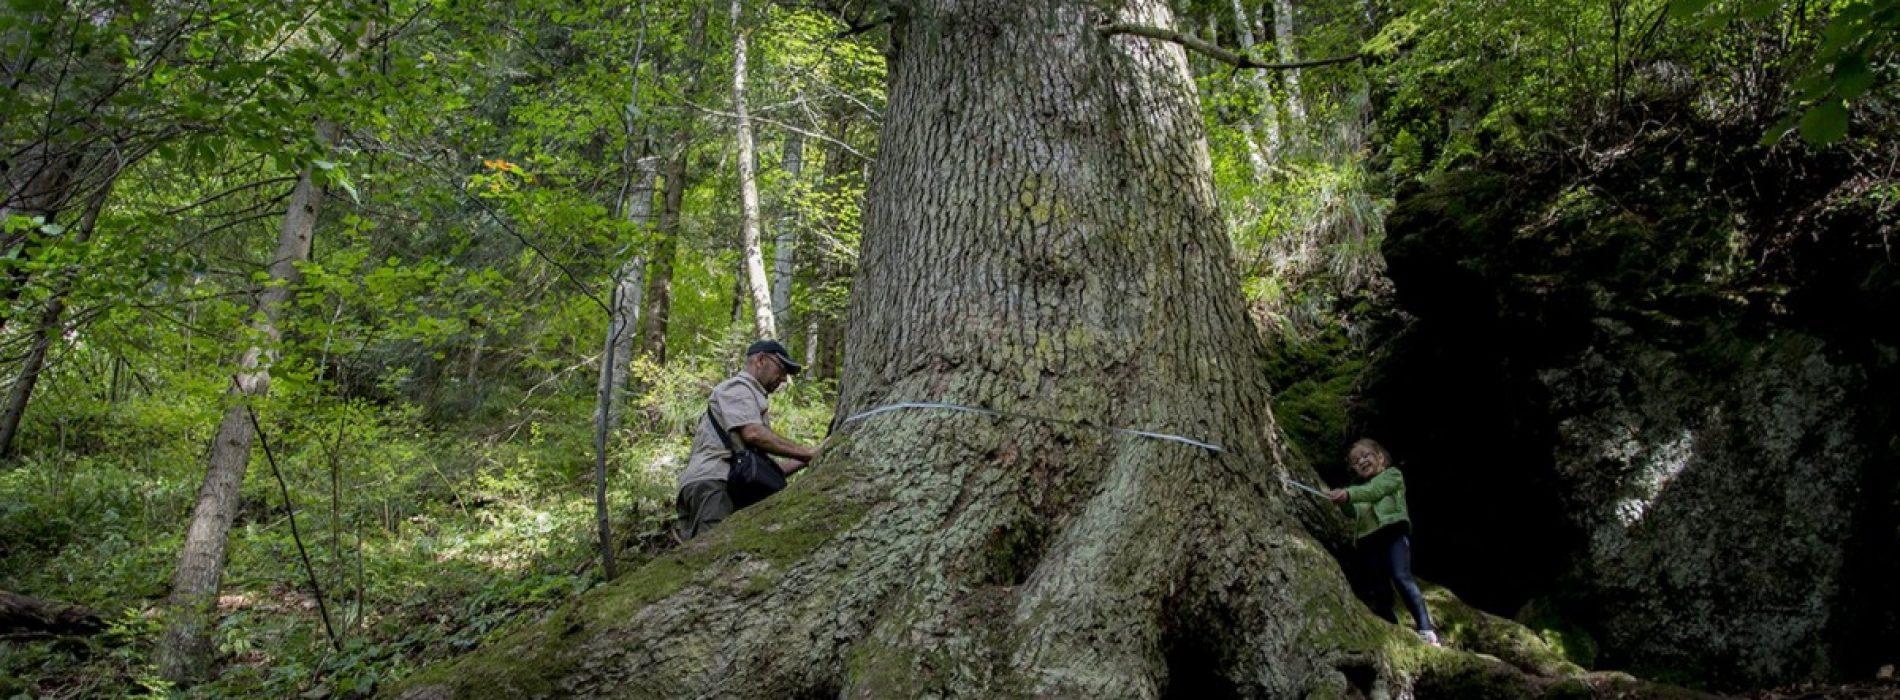 """Apărătorul Cibinului are nevoie de un vot în competiția europeană """"Copacul anului 2020""""!"""